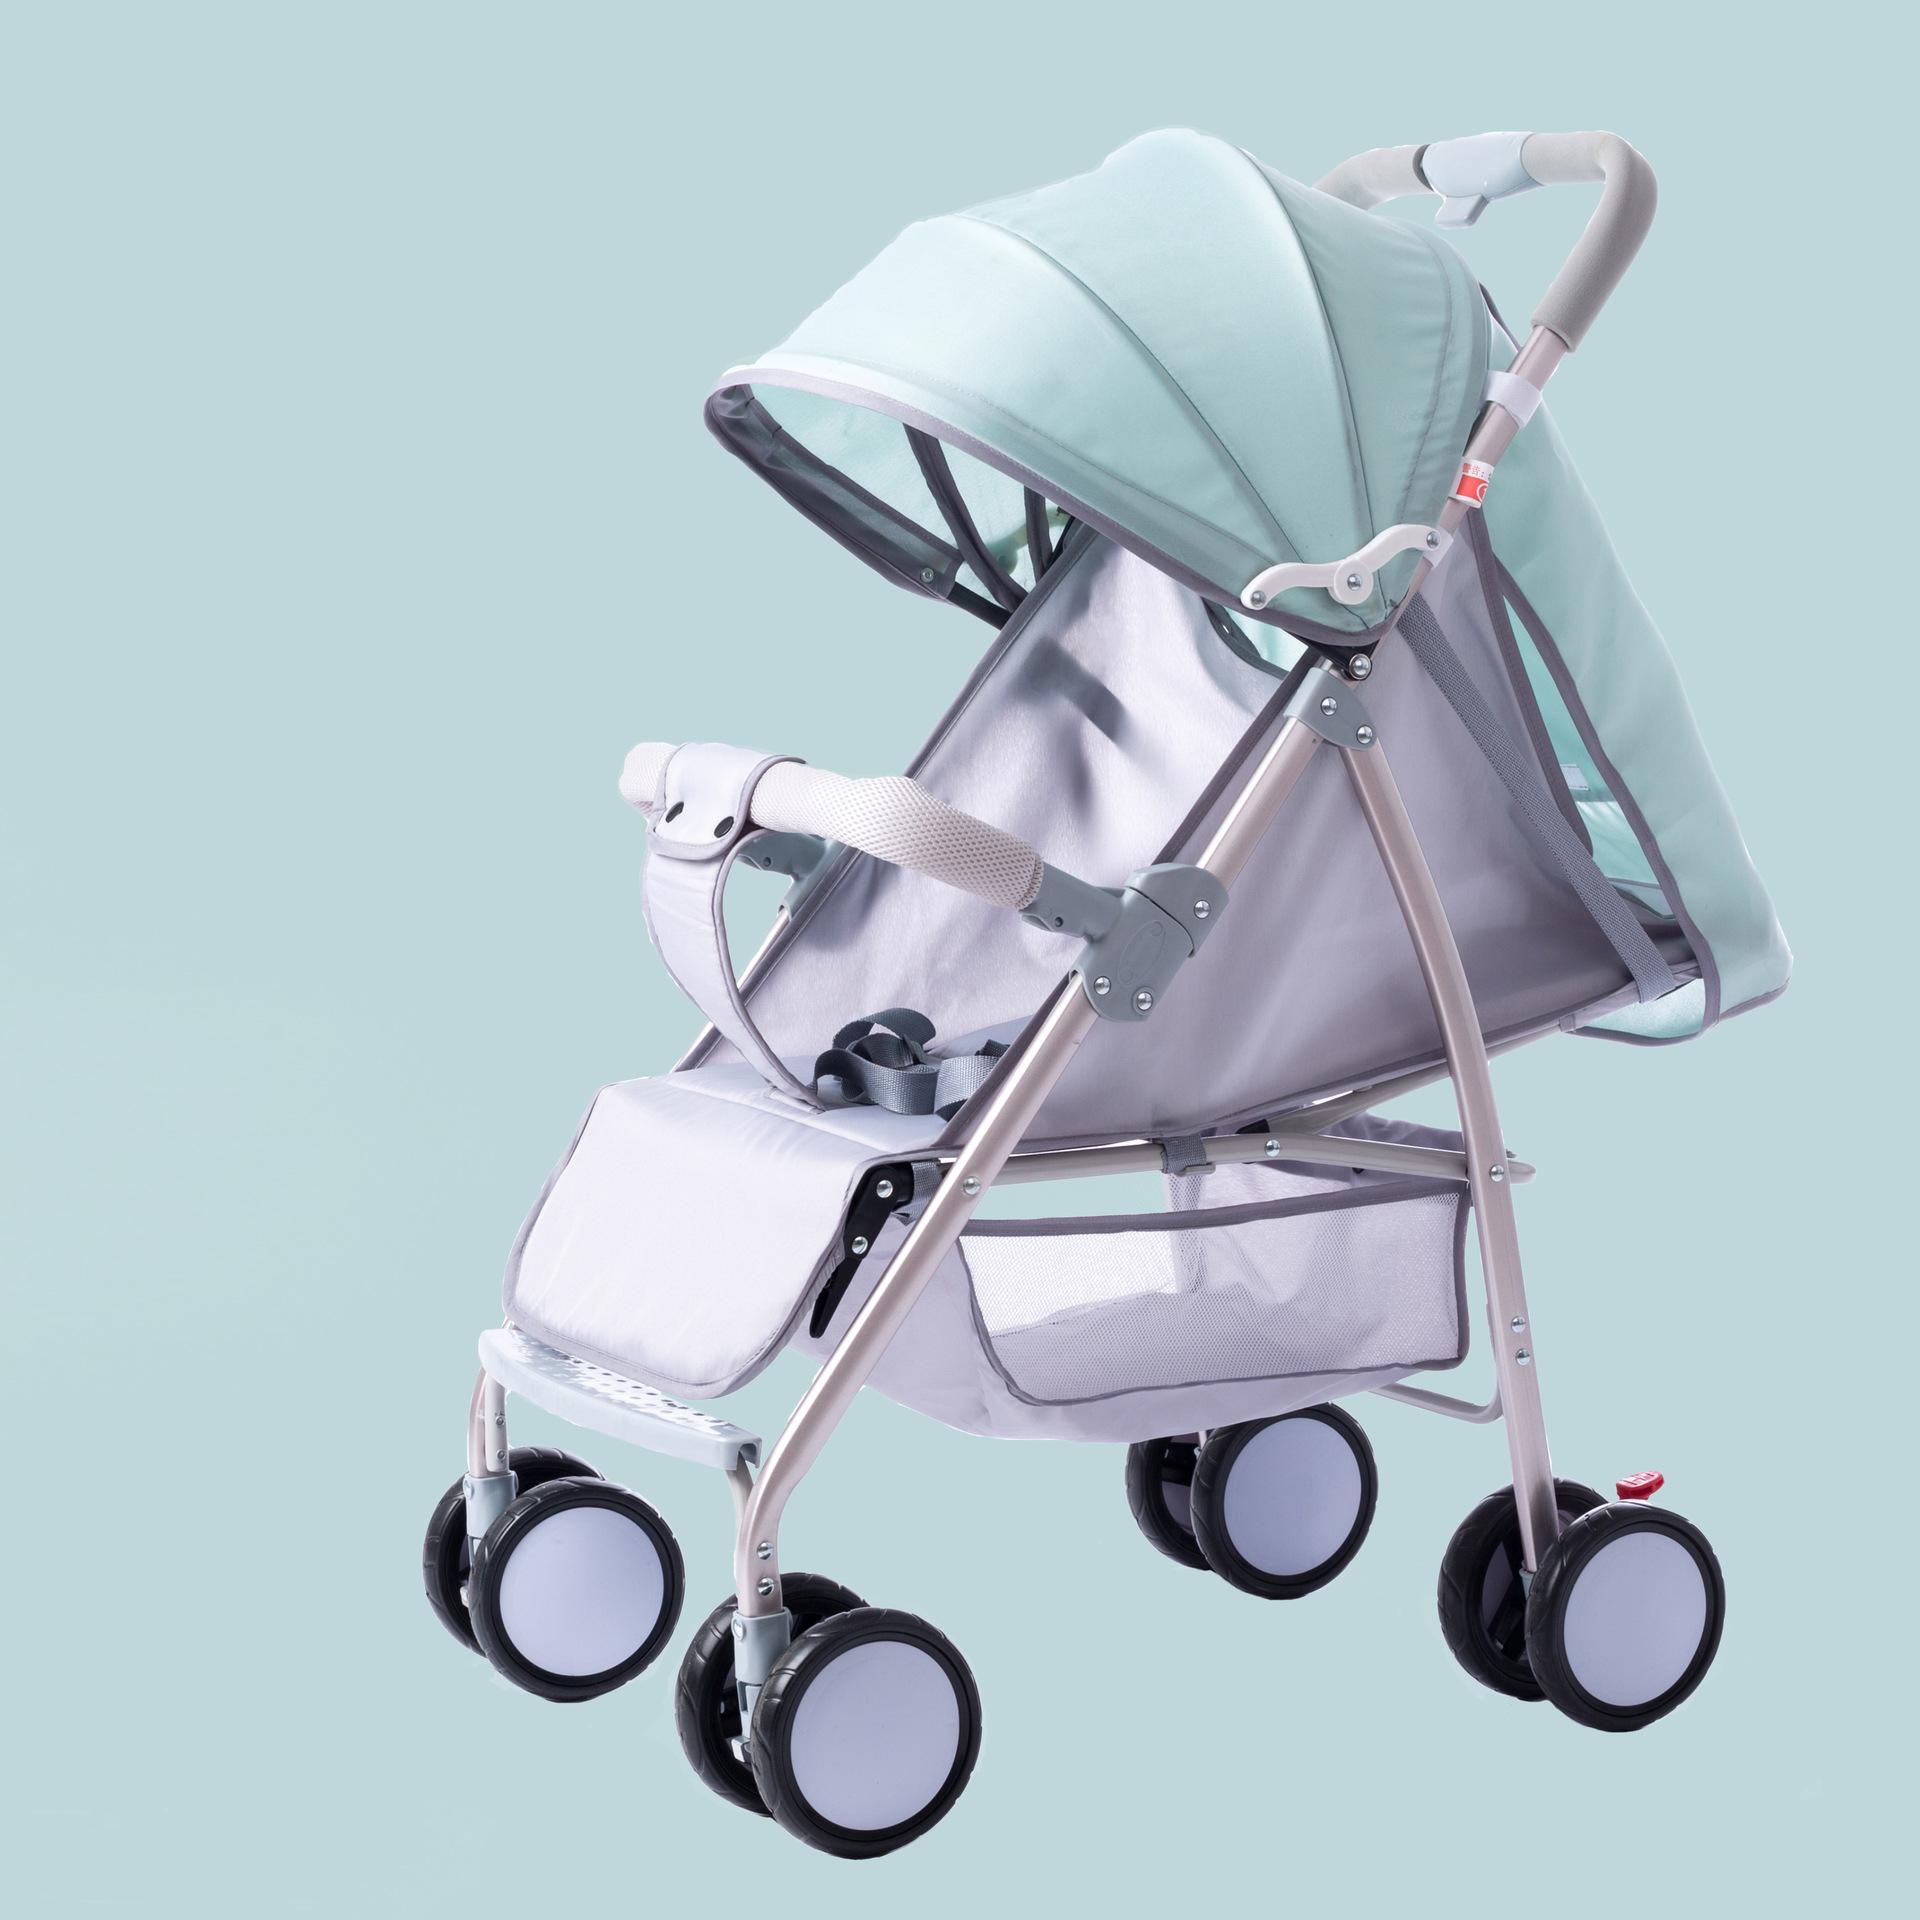 Xe đẩy em bé di động kiểu dễ gấp gọn gàng .